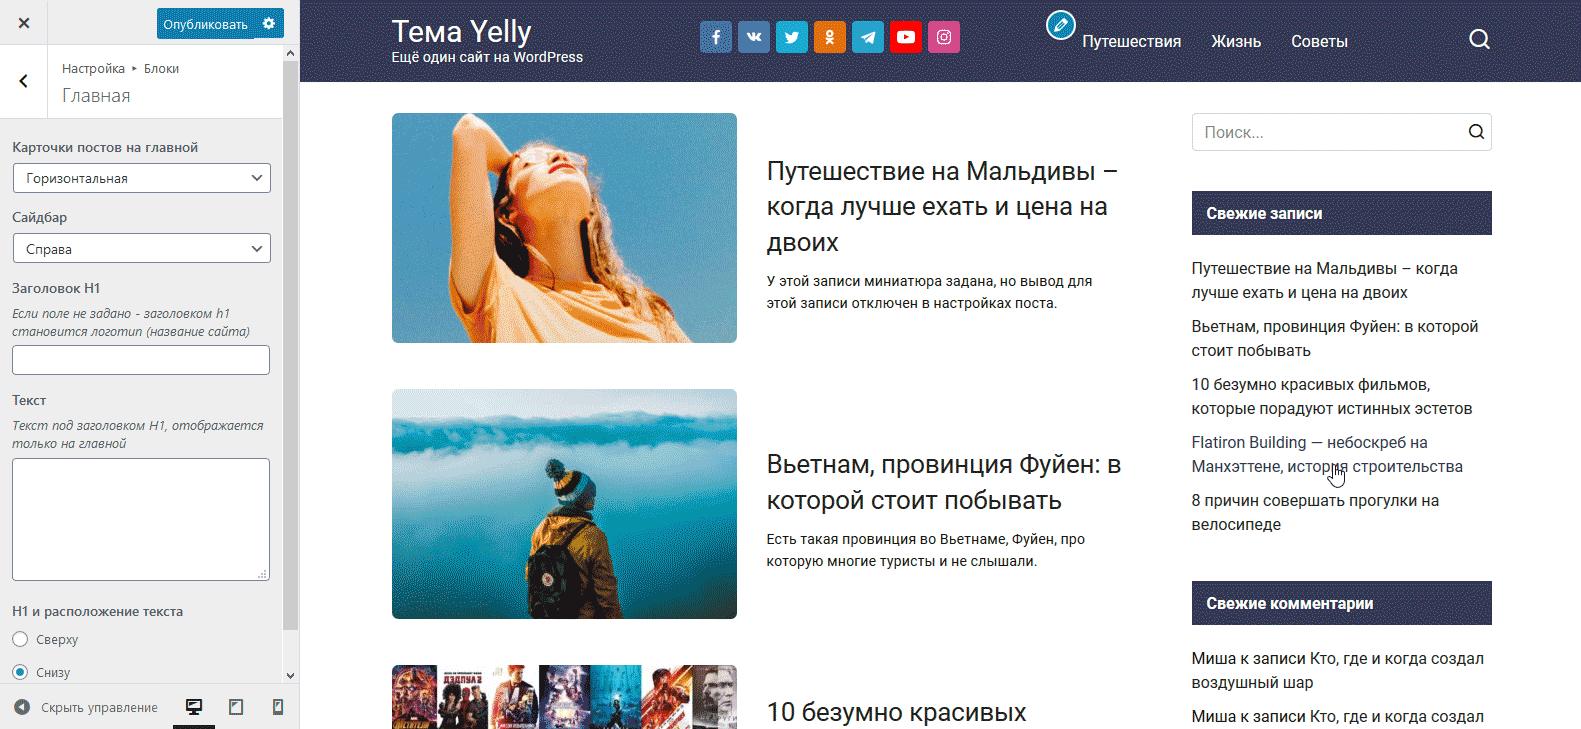 Главная страница сайта с темой Yelly